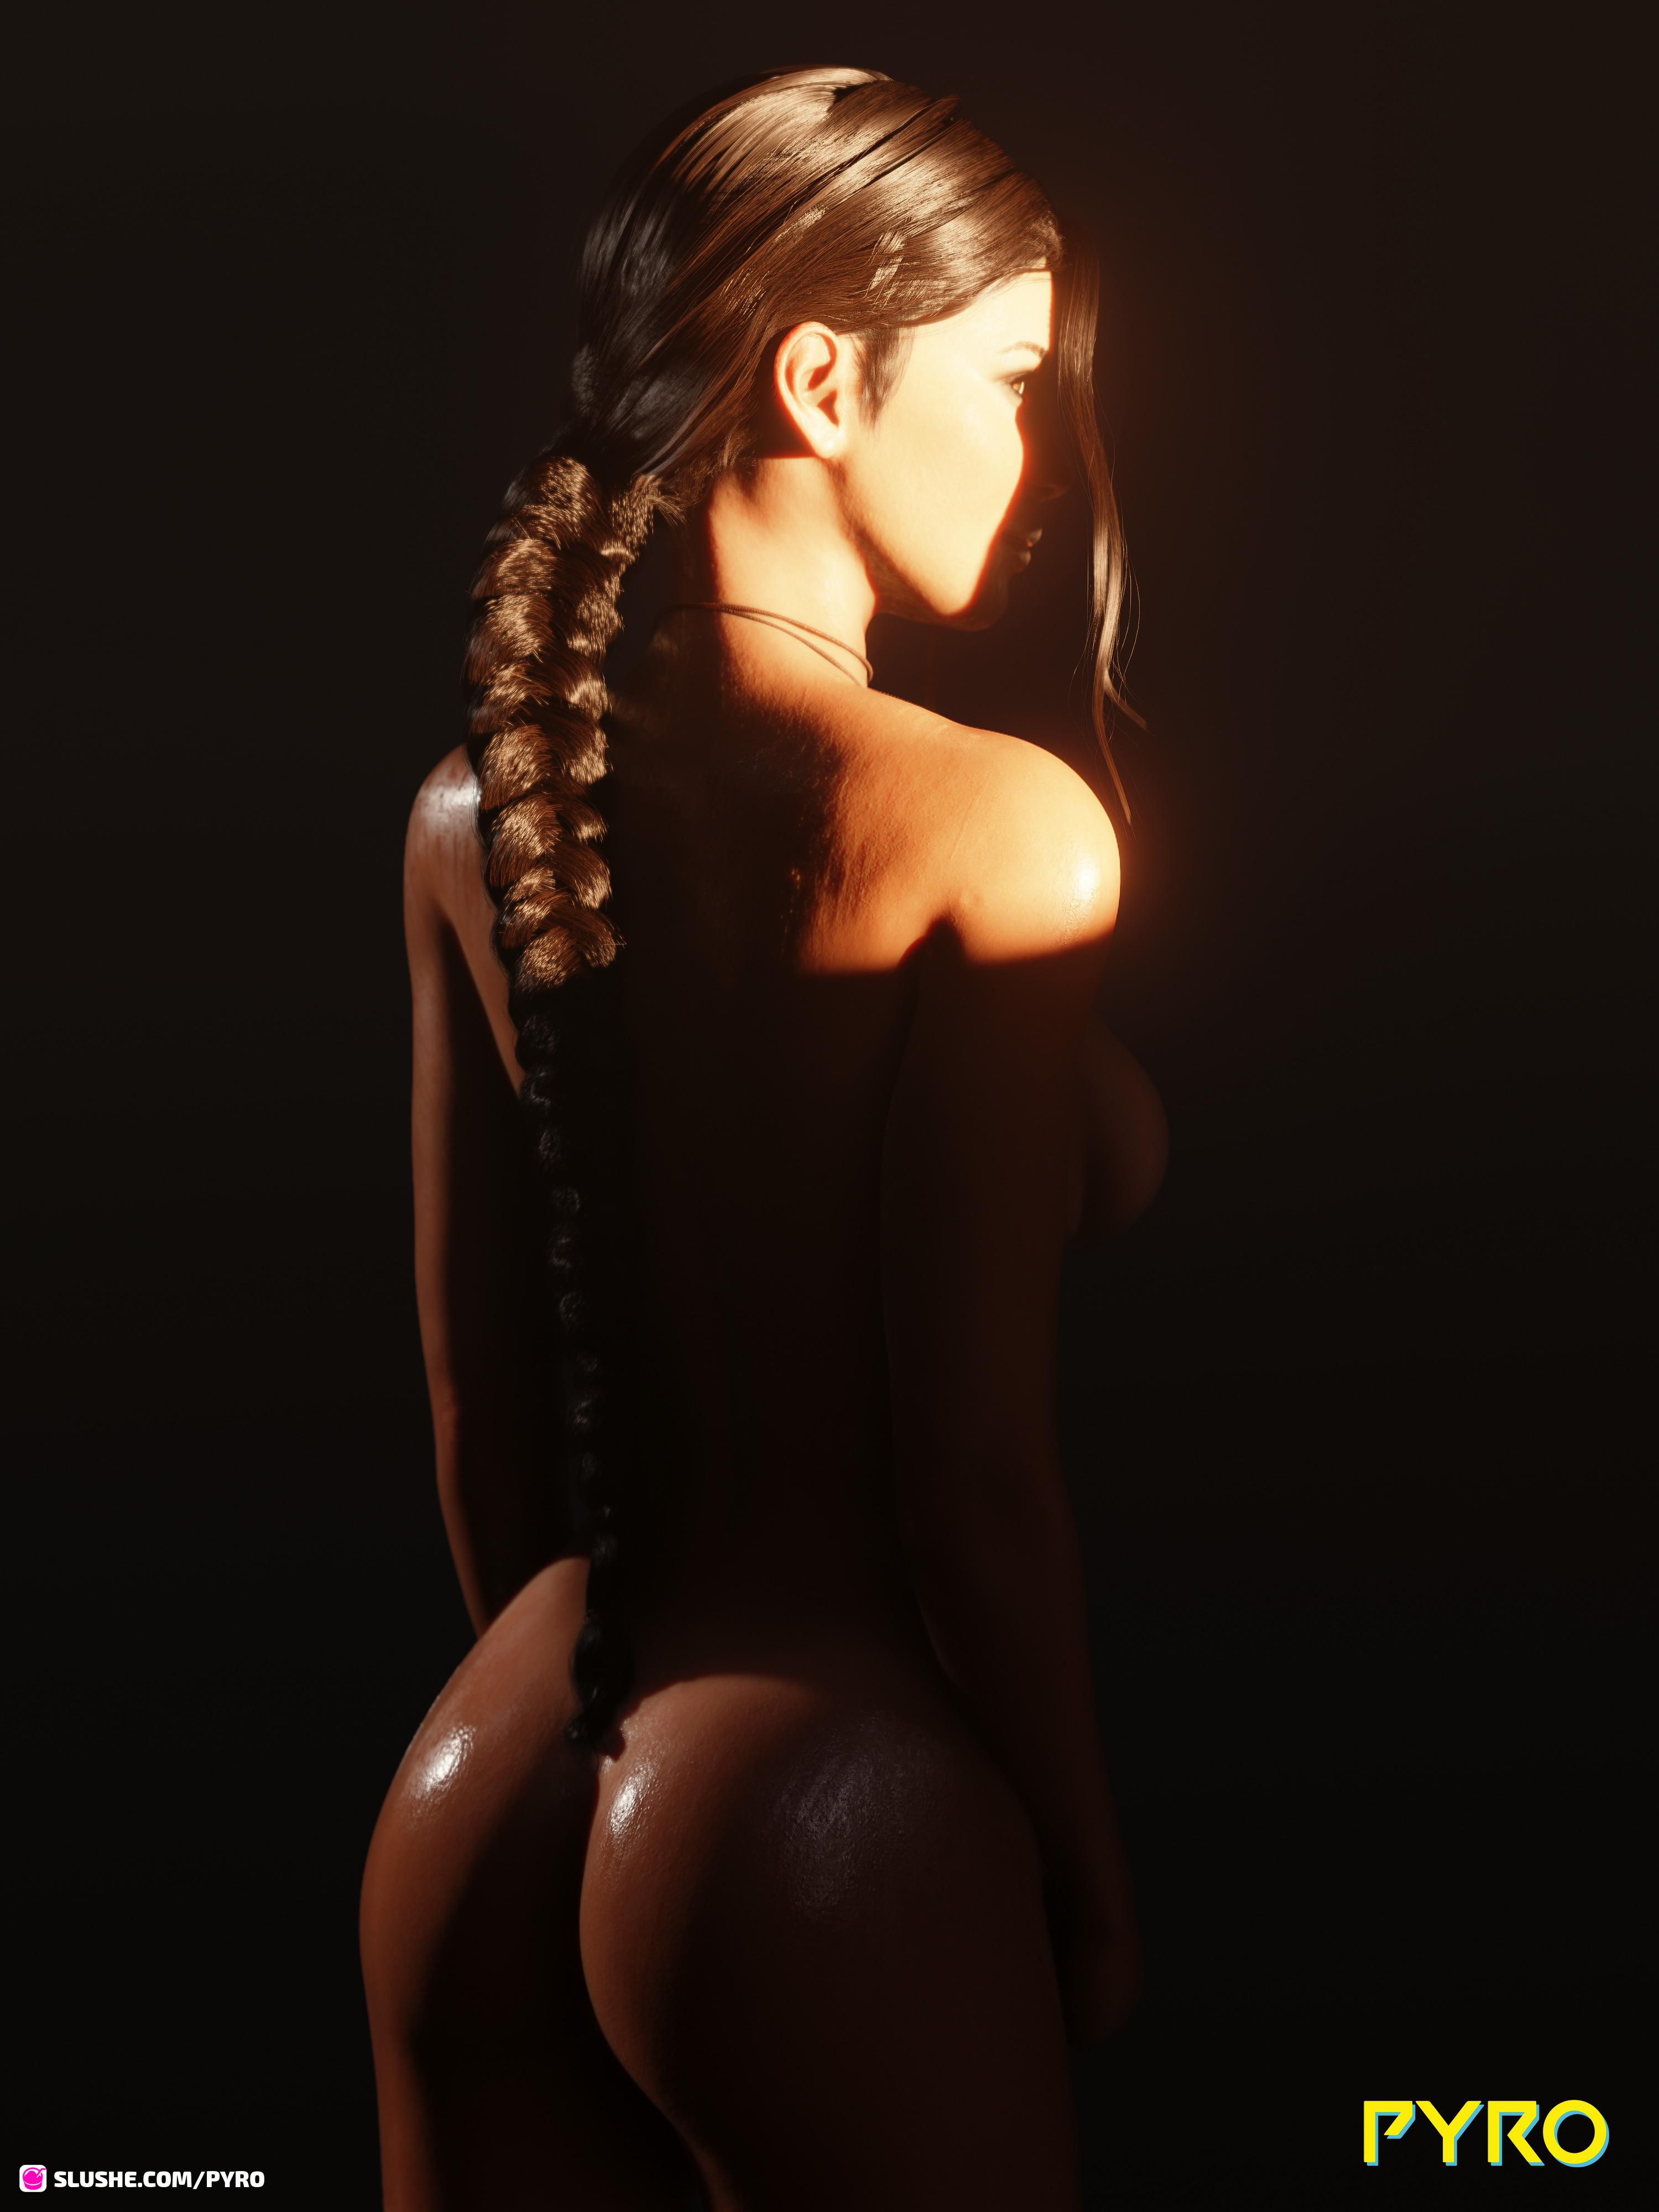 Lara - Warm Lighting